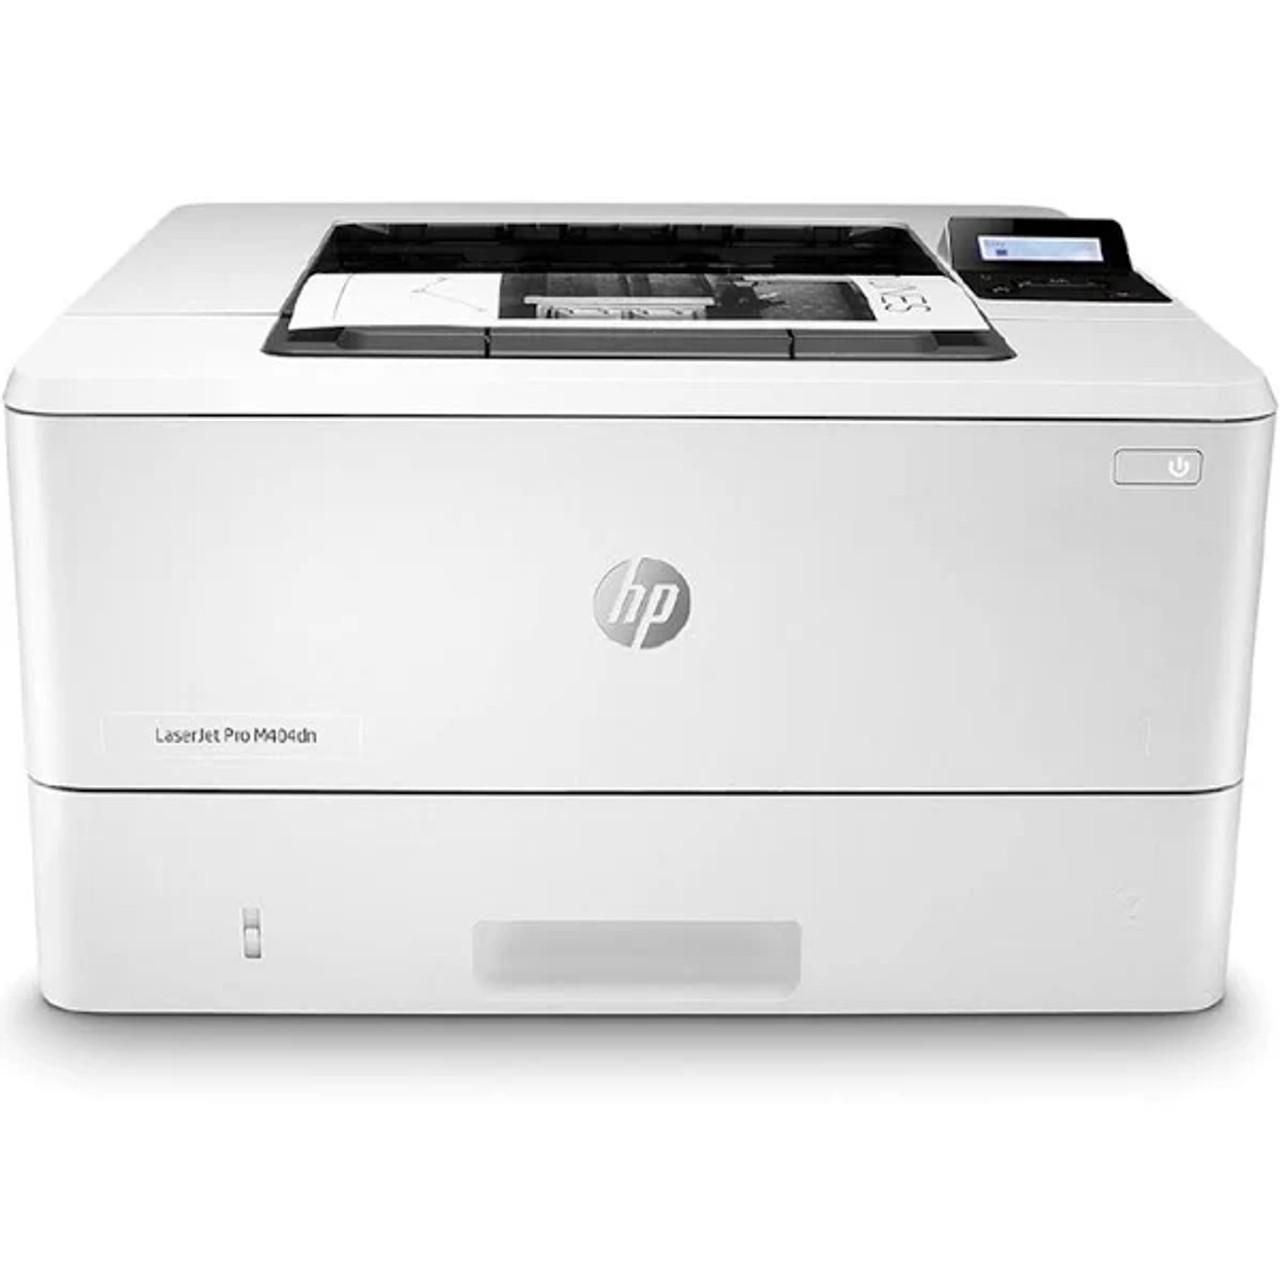 HP LaserJet Pro M404dn Laser Printer - W1A53A